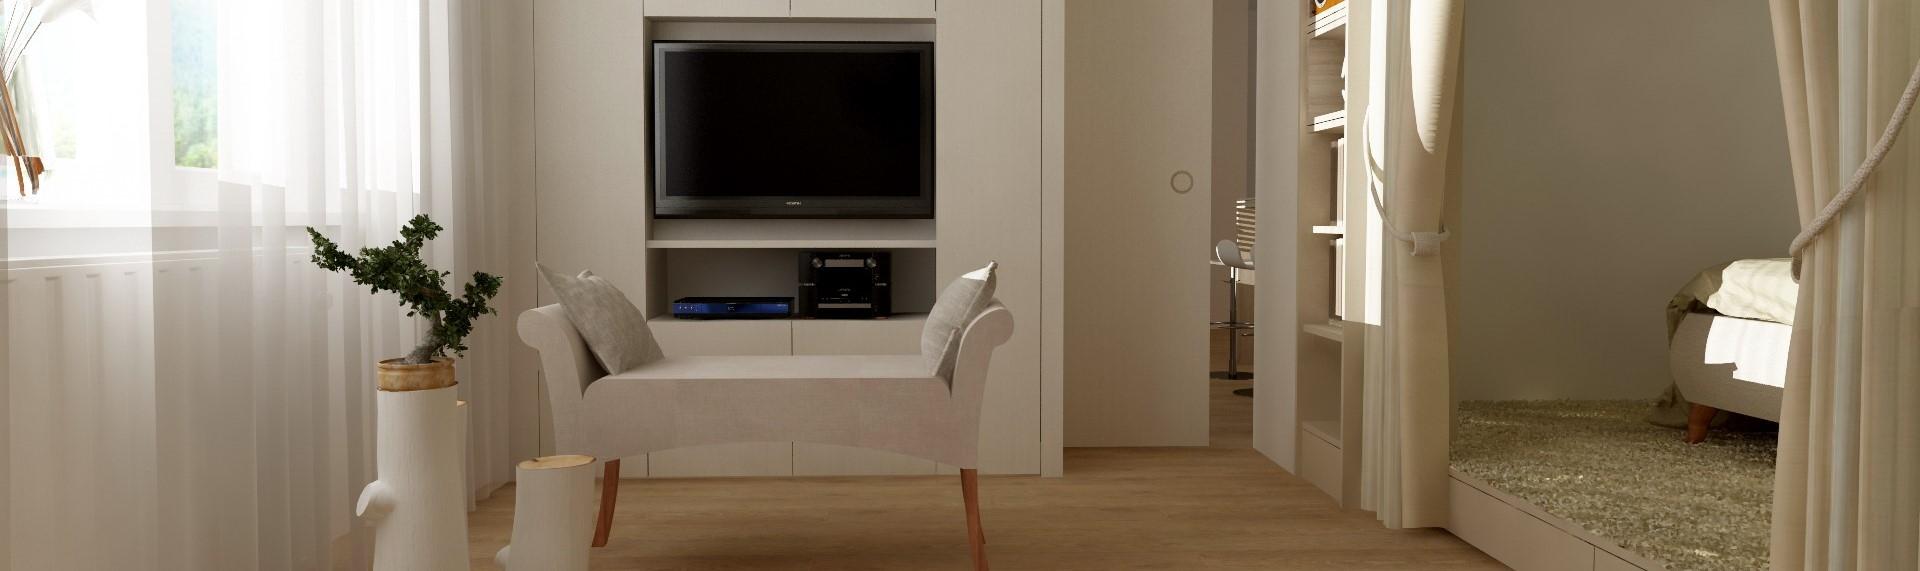 1-izbový byt, Wilsonová ul., Bratislava